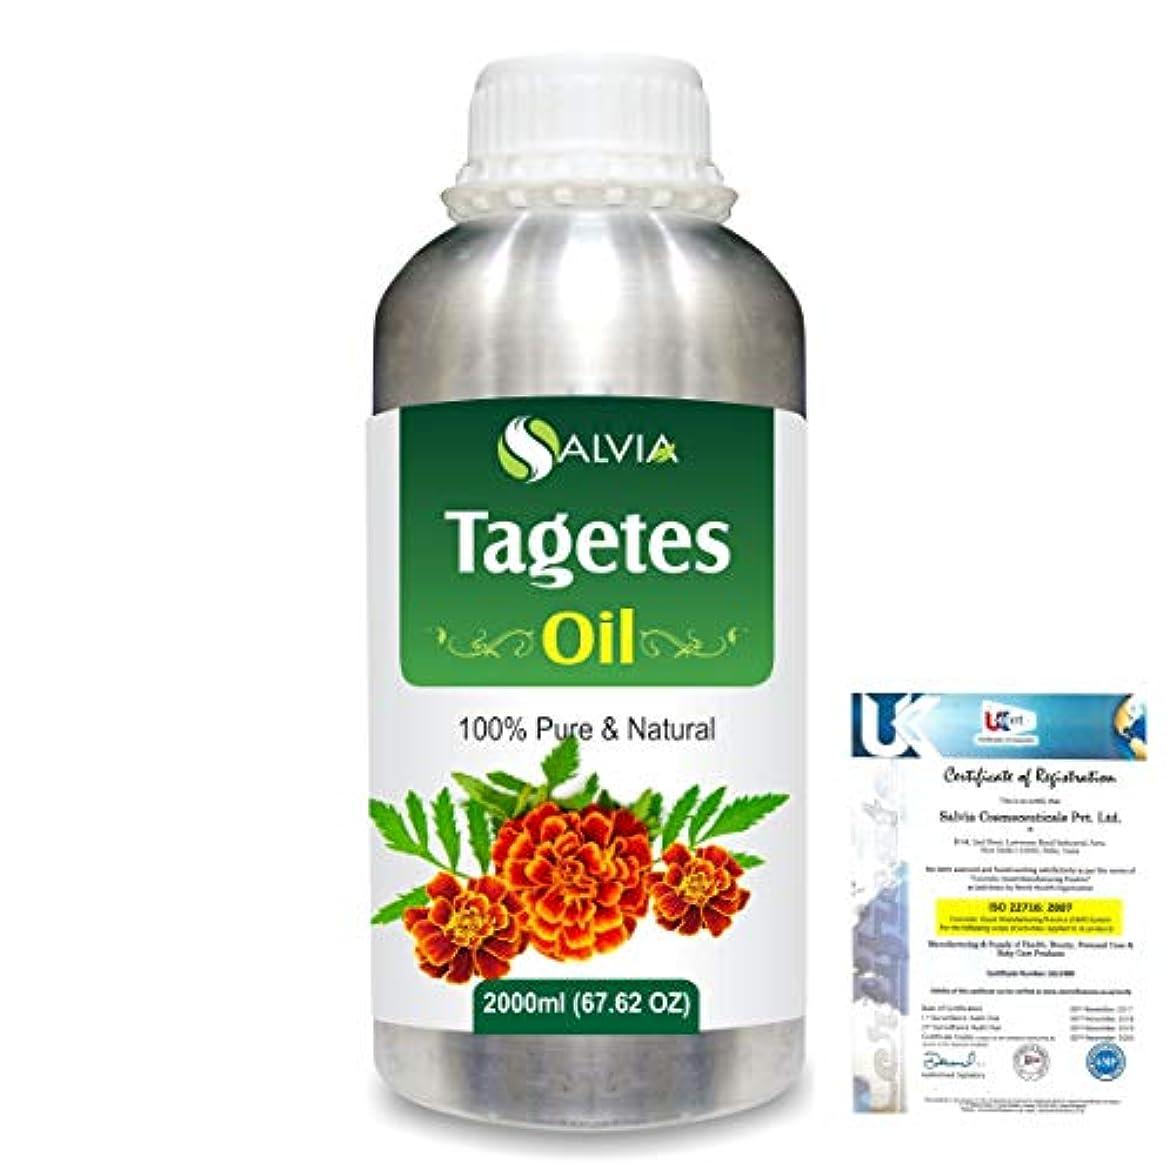 学習ヒゲクジラ委託Tagetes (Tagetes Minuta) 100% Pure Natural Essential Oil 2000ml/67 fl.oz.